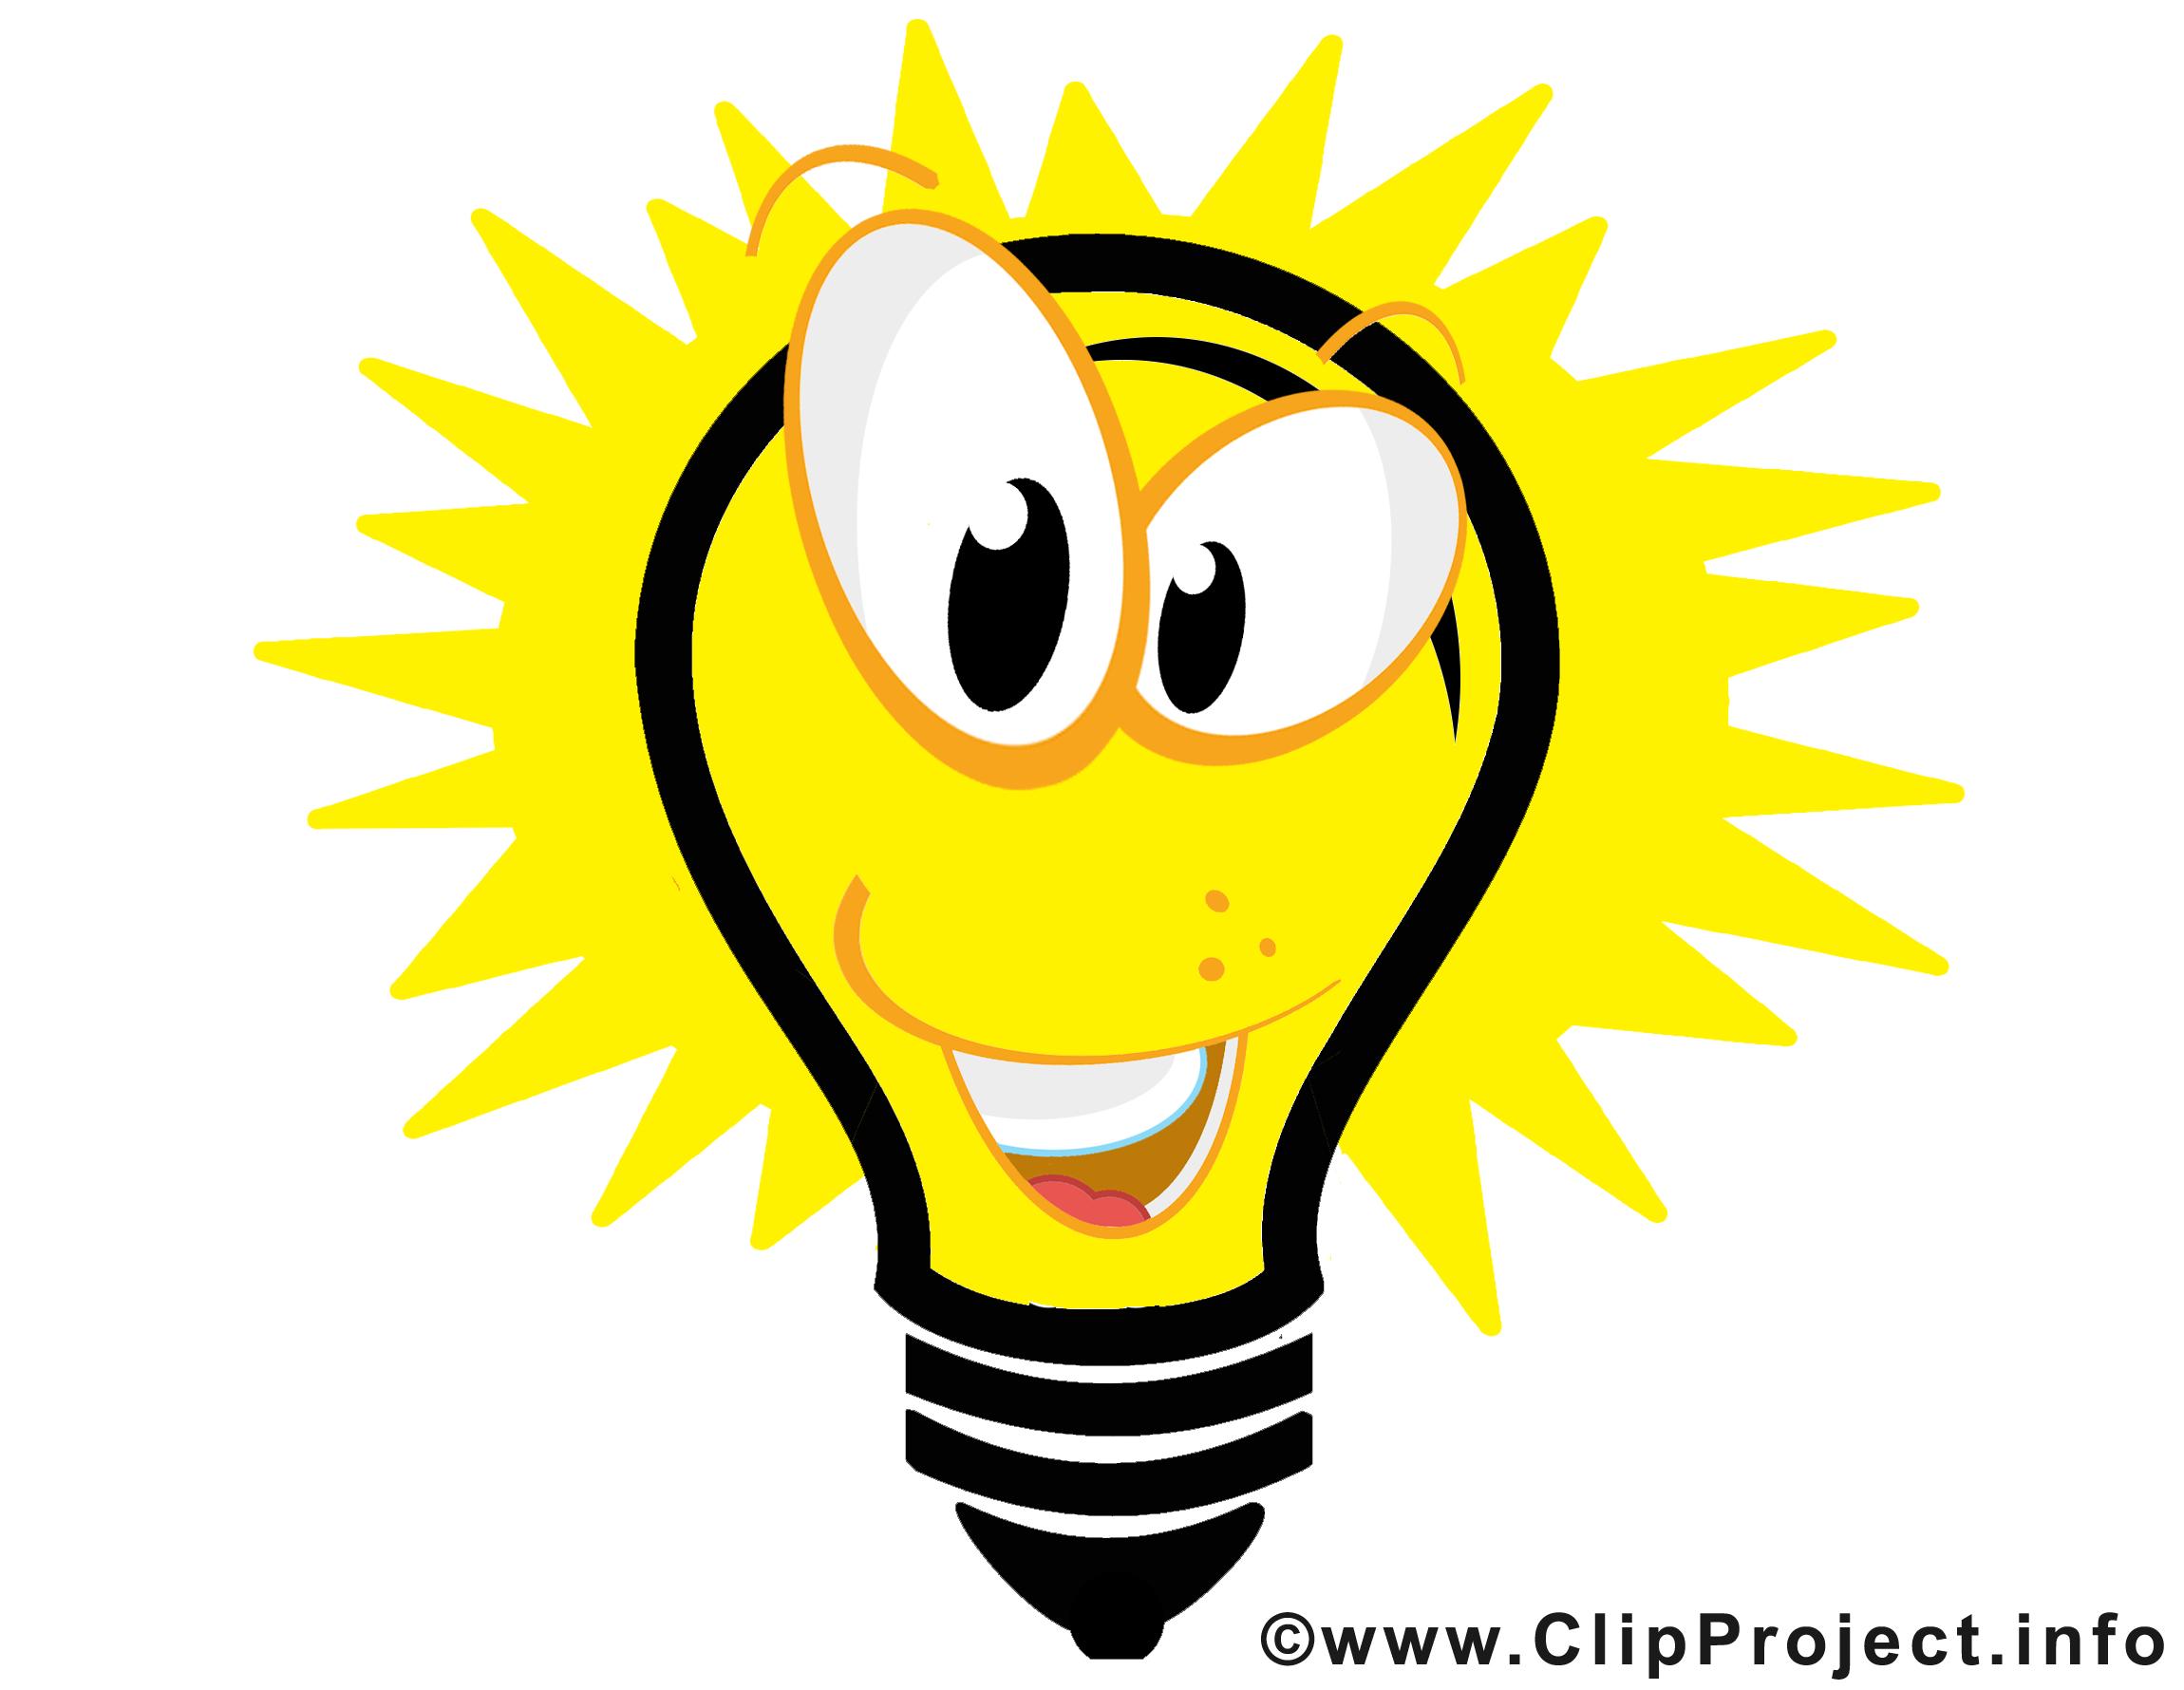 Idée ampoule clipart gratuit – Entreprise images